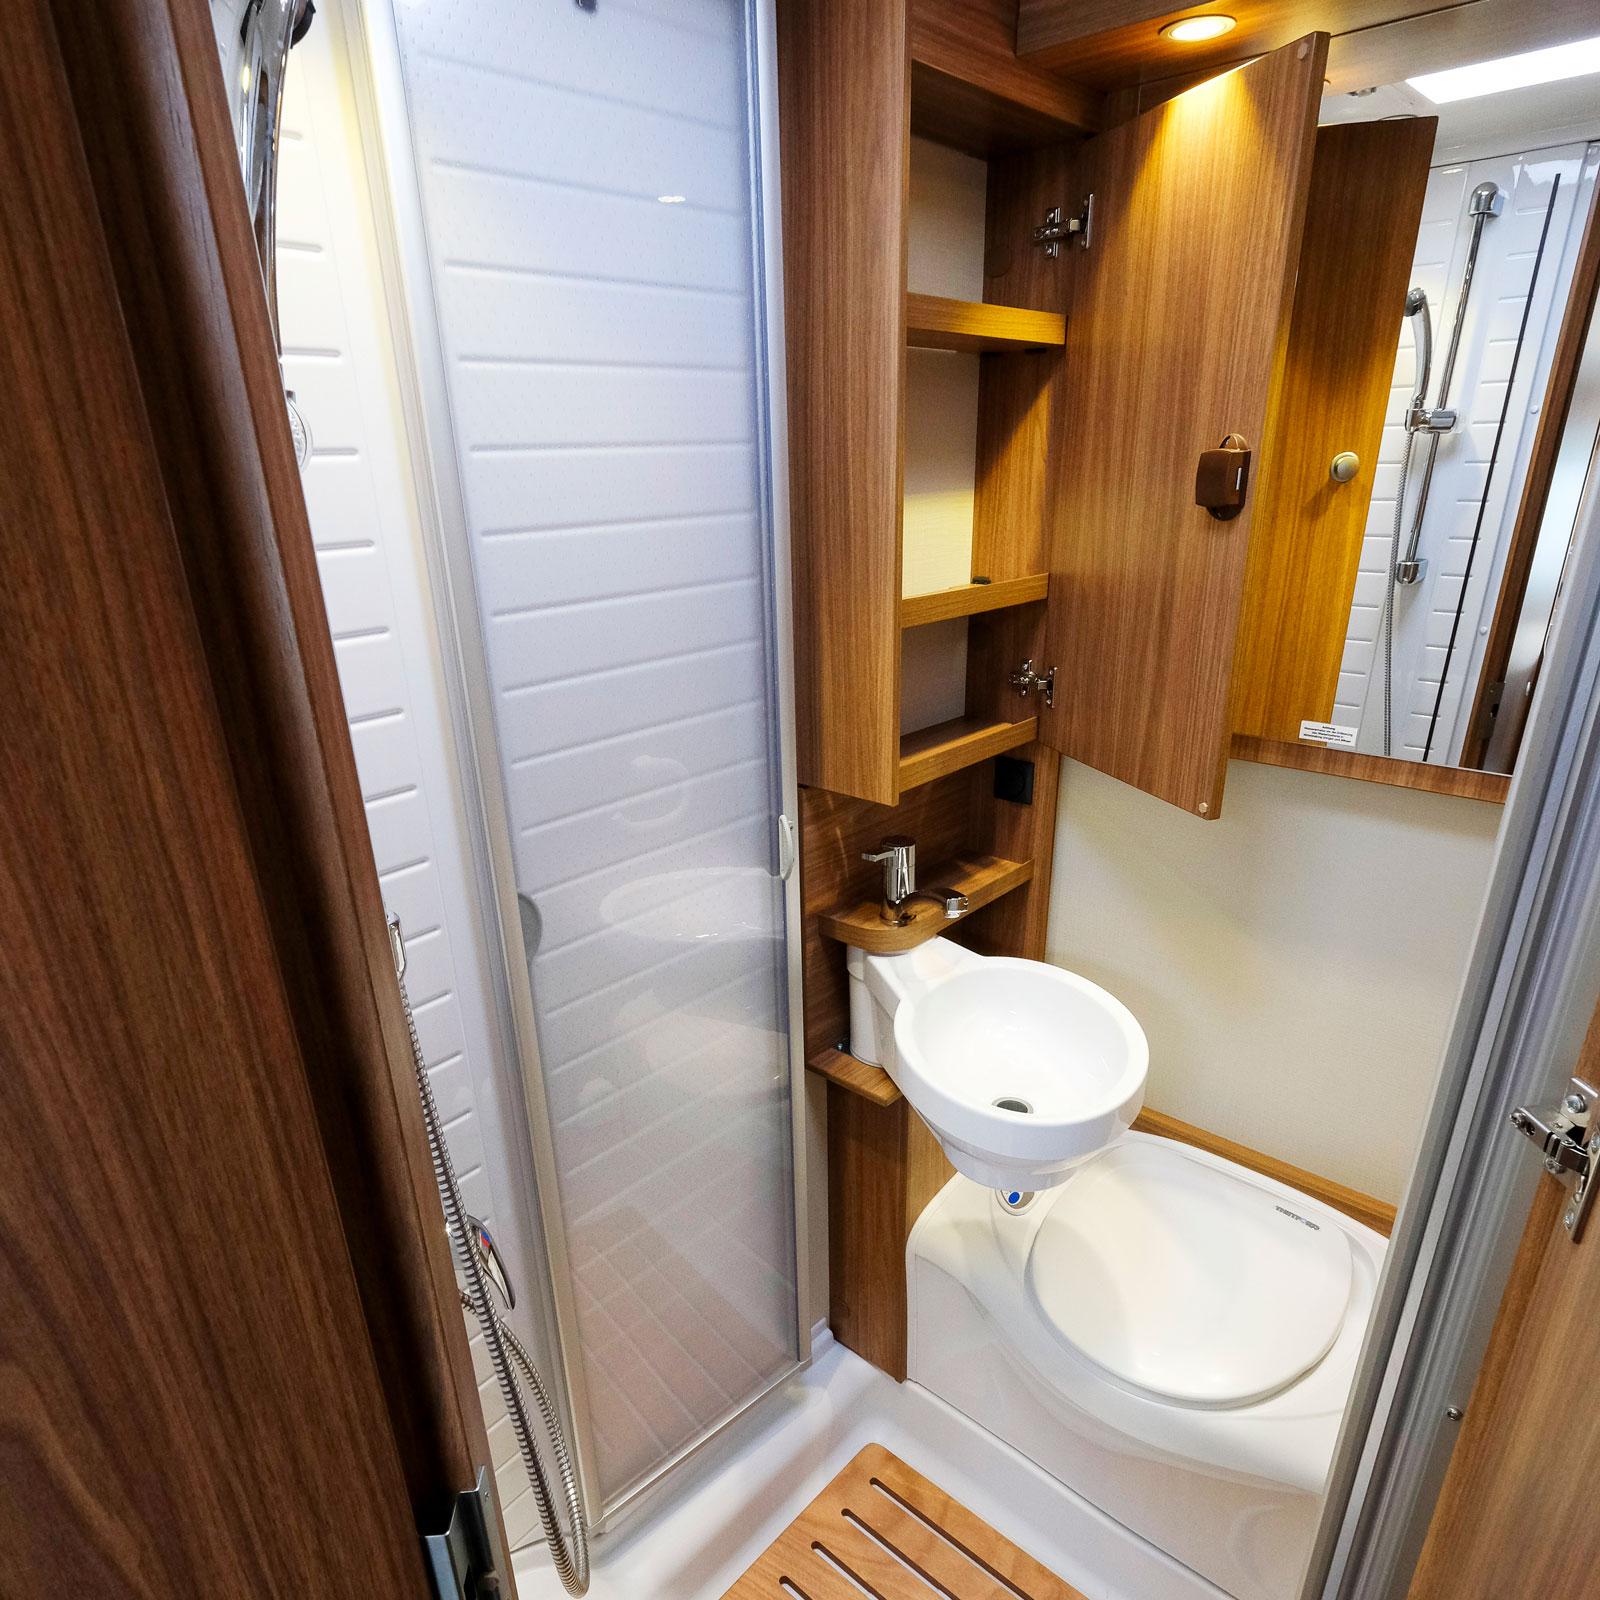 Badrummet är flexibelt och går att anpassa efter behov.